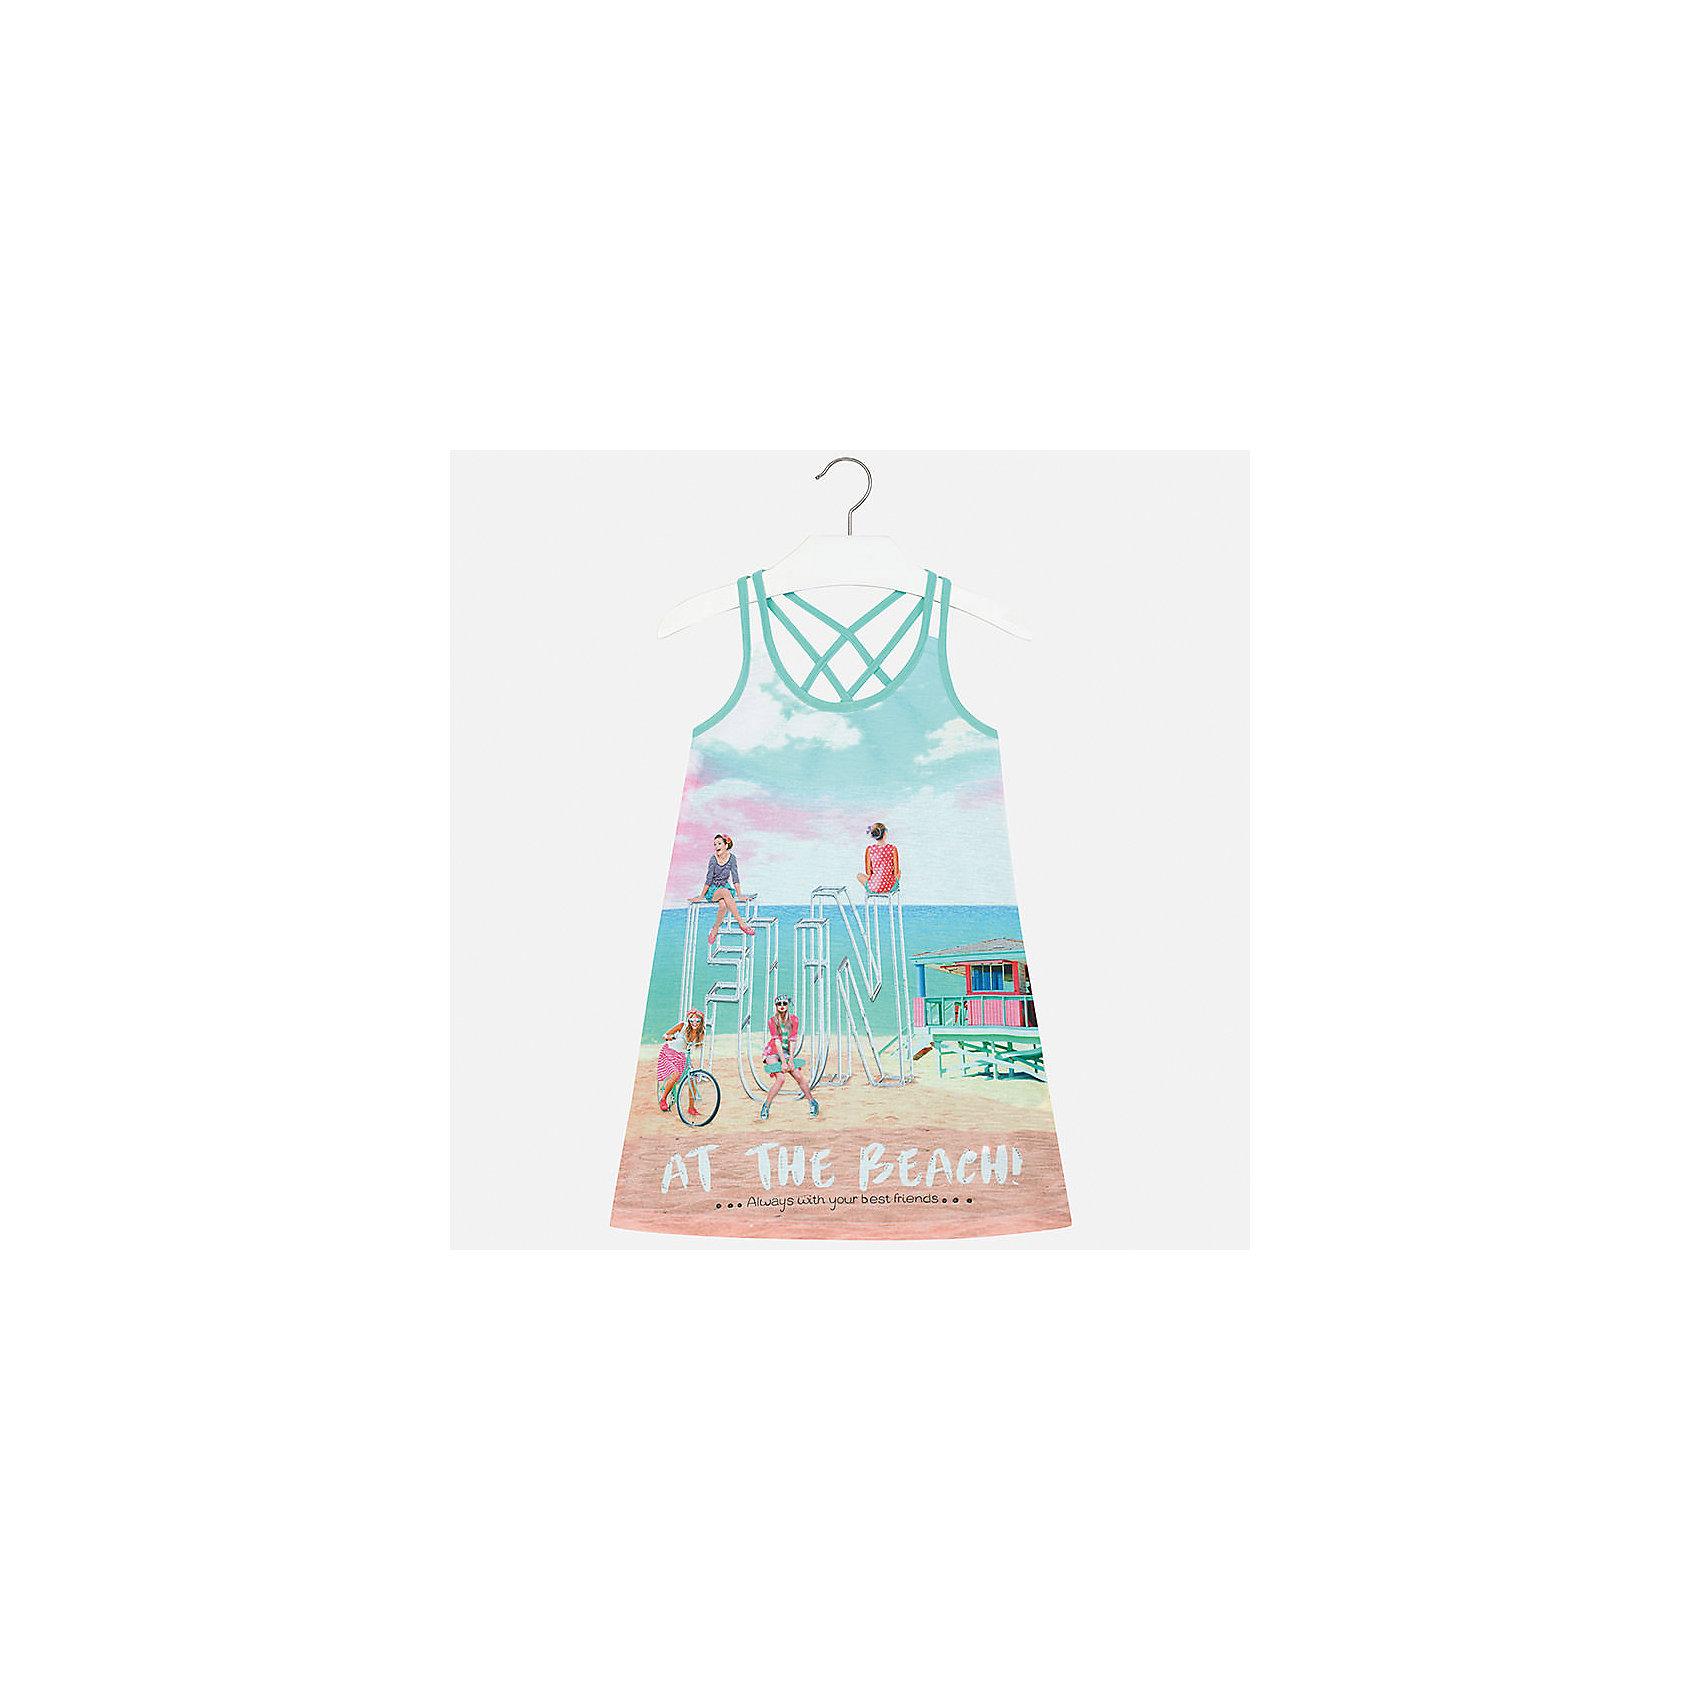 Платье для девочки MayoralЛетние платья и сарафаны<br>Характеристики товара:<br><br>• цвет: голубой<br>• состав: 100% полиэстер<br>• без застежки<br>• бретельки перекрещены на спине<br>• без рукавов<br>• принт<br>• страна бренда: Испания<br><br>Модное платье для девочки поможет разнообразить гардероб ребенка и создать эффектный наряд. Оно подойдет для различных случаев. Красивый оттенок позволяет подобрать к вещи обувь разных расцветок. Платье хорошо сидит по фигуре. <br><br>Одежда, обувь и аксессуары от испанского бренда Mayoral полюбились детям и взрослым по всему миру. Модели этой марки - стильные и удобные. Для их производства используются только безопасные, качественные материалы и фурнитура. Порадуйте ребенка модными и красивыми вещами от Mayoral! <br><br>Платье для девочки от испанского бренда Mayoral (Майорал) можно купить в нашем интернет-магазине.<br><br>Ширина мм: 236<br>Глубина мм: 16<br>Высота мм: 184<br>Вес г: 177<br>Цвет: голубой<br>Возраст от месяцев: 108<br>Возраст до месяцев: 120<br>Пол: Женский<br>Возраст: Детский<br>Размер: 140,170,128/134,152,158,164<br>SKU: 5293355